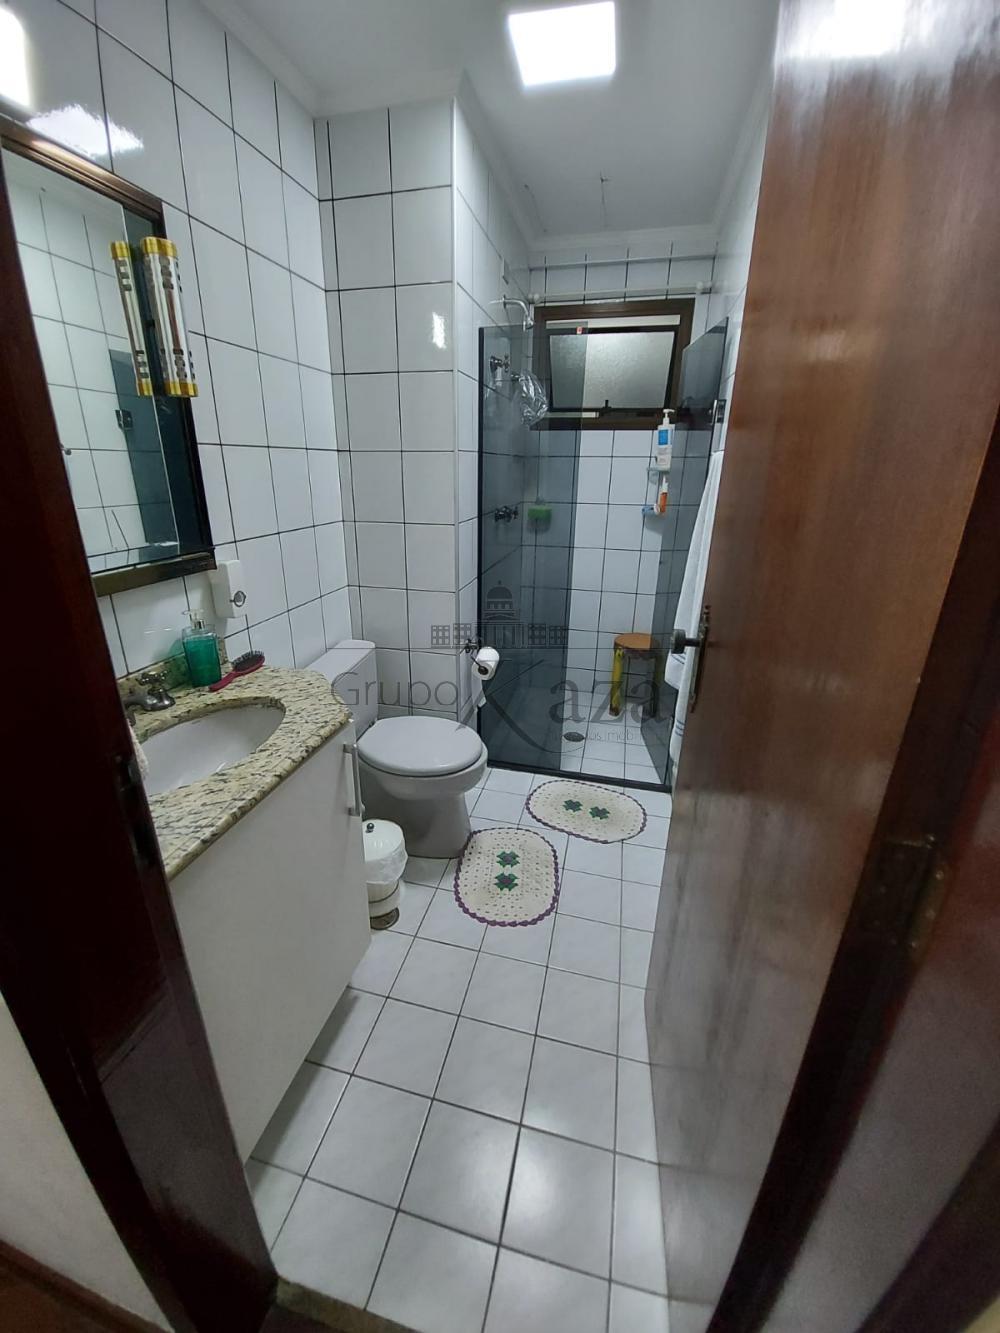 alt='Alugar Apartamento / Padrão em São José dos Campos R$ 2.750,00 - Foto 24' title='Alugar Apartamento / Padrão em São José dos Campos R$ 2.750,00 - Foto 24'